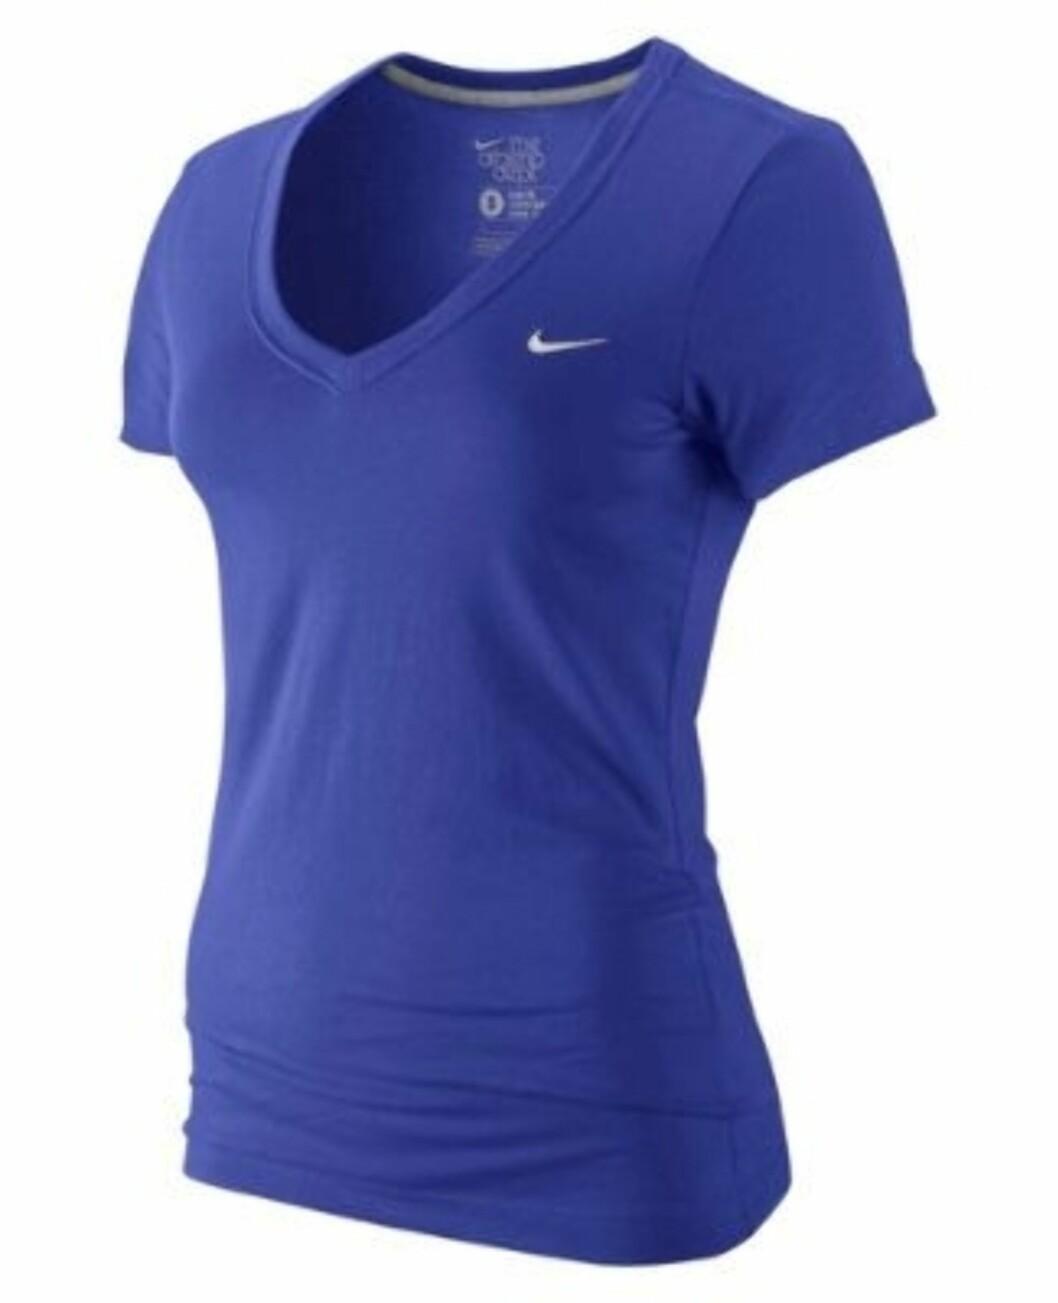 Blå trenings-tskjorte med V-hals fra Nike. 149 kroner fra Gsport.no.  Foto: Produsenten